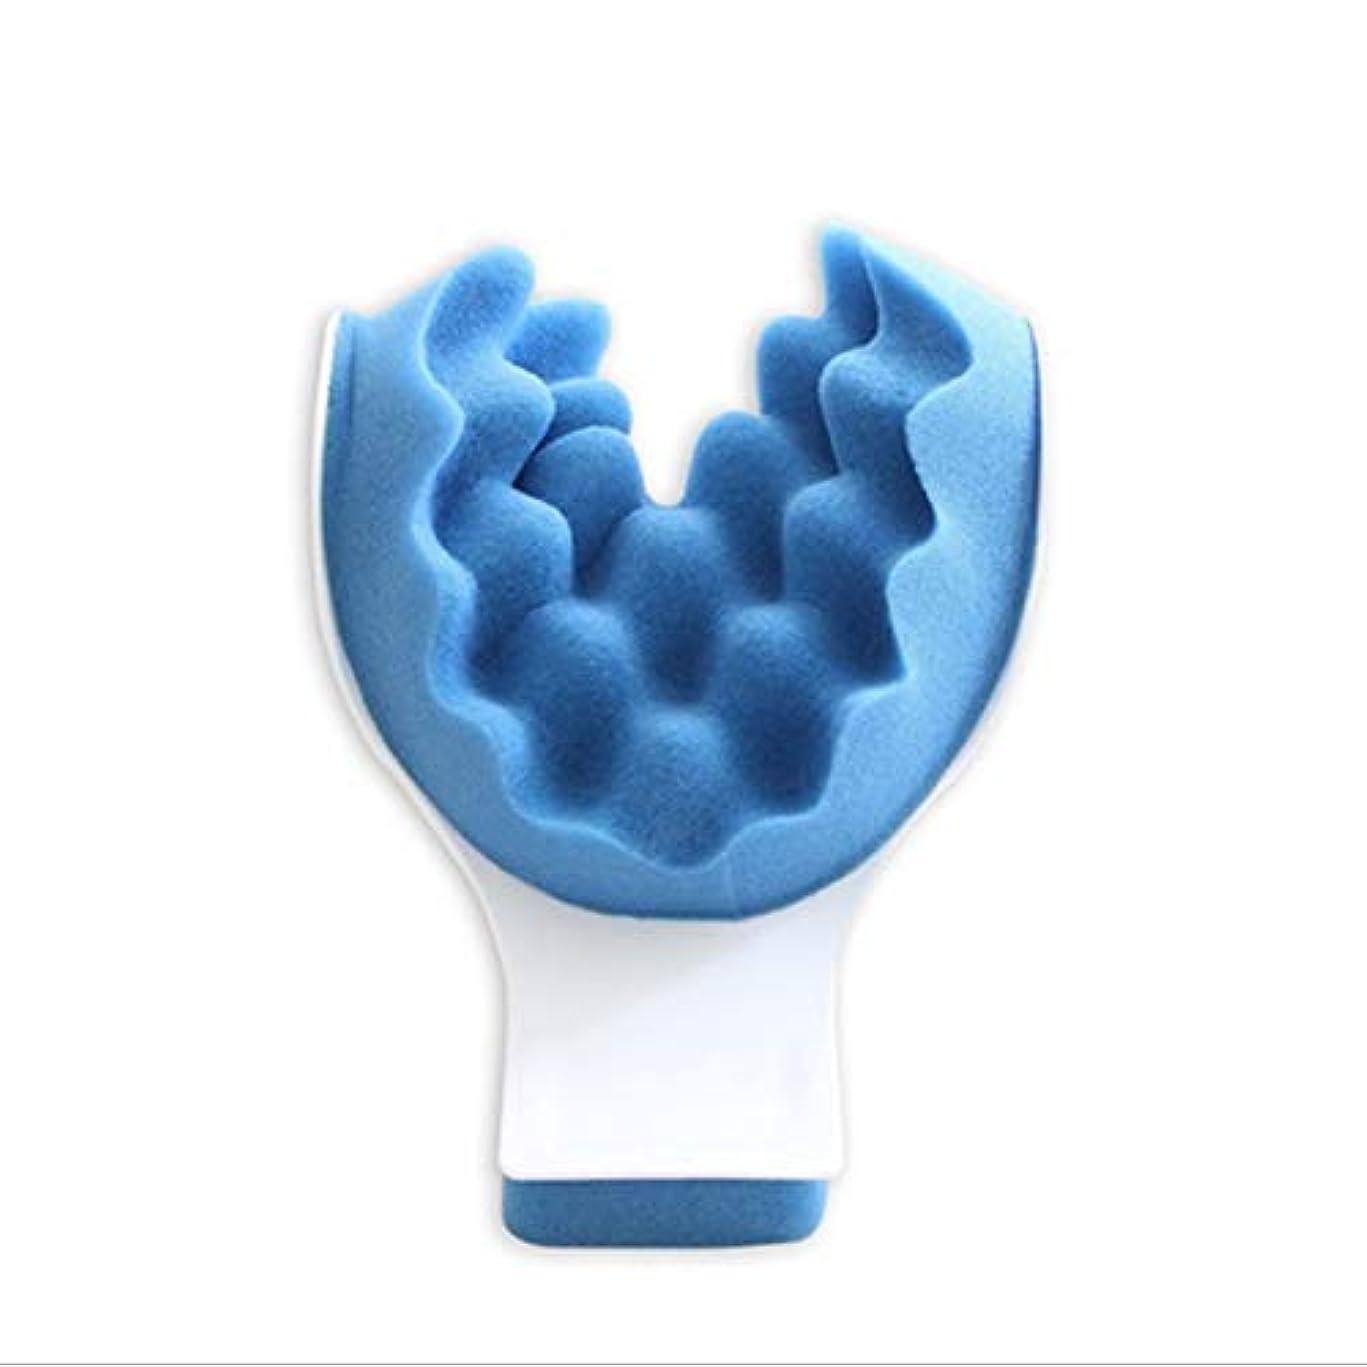 犯人階下責任者マッスルテンションリリーフタイトネスと痛みの緩和セラピーティックネックサポートテンションリリーフネック&ショルダーリラクサー - ブルー